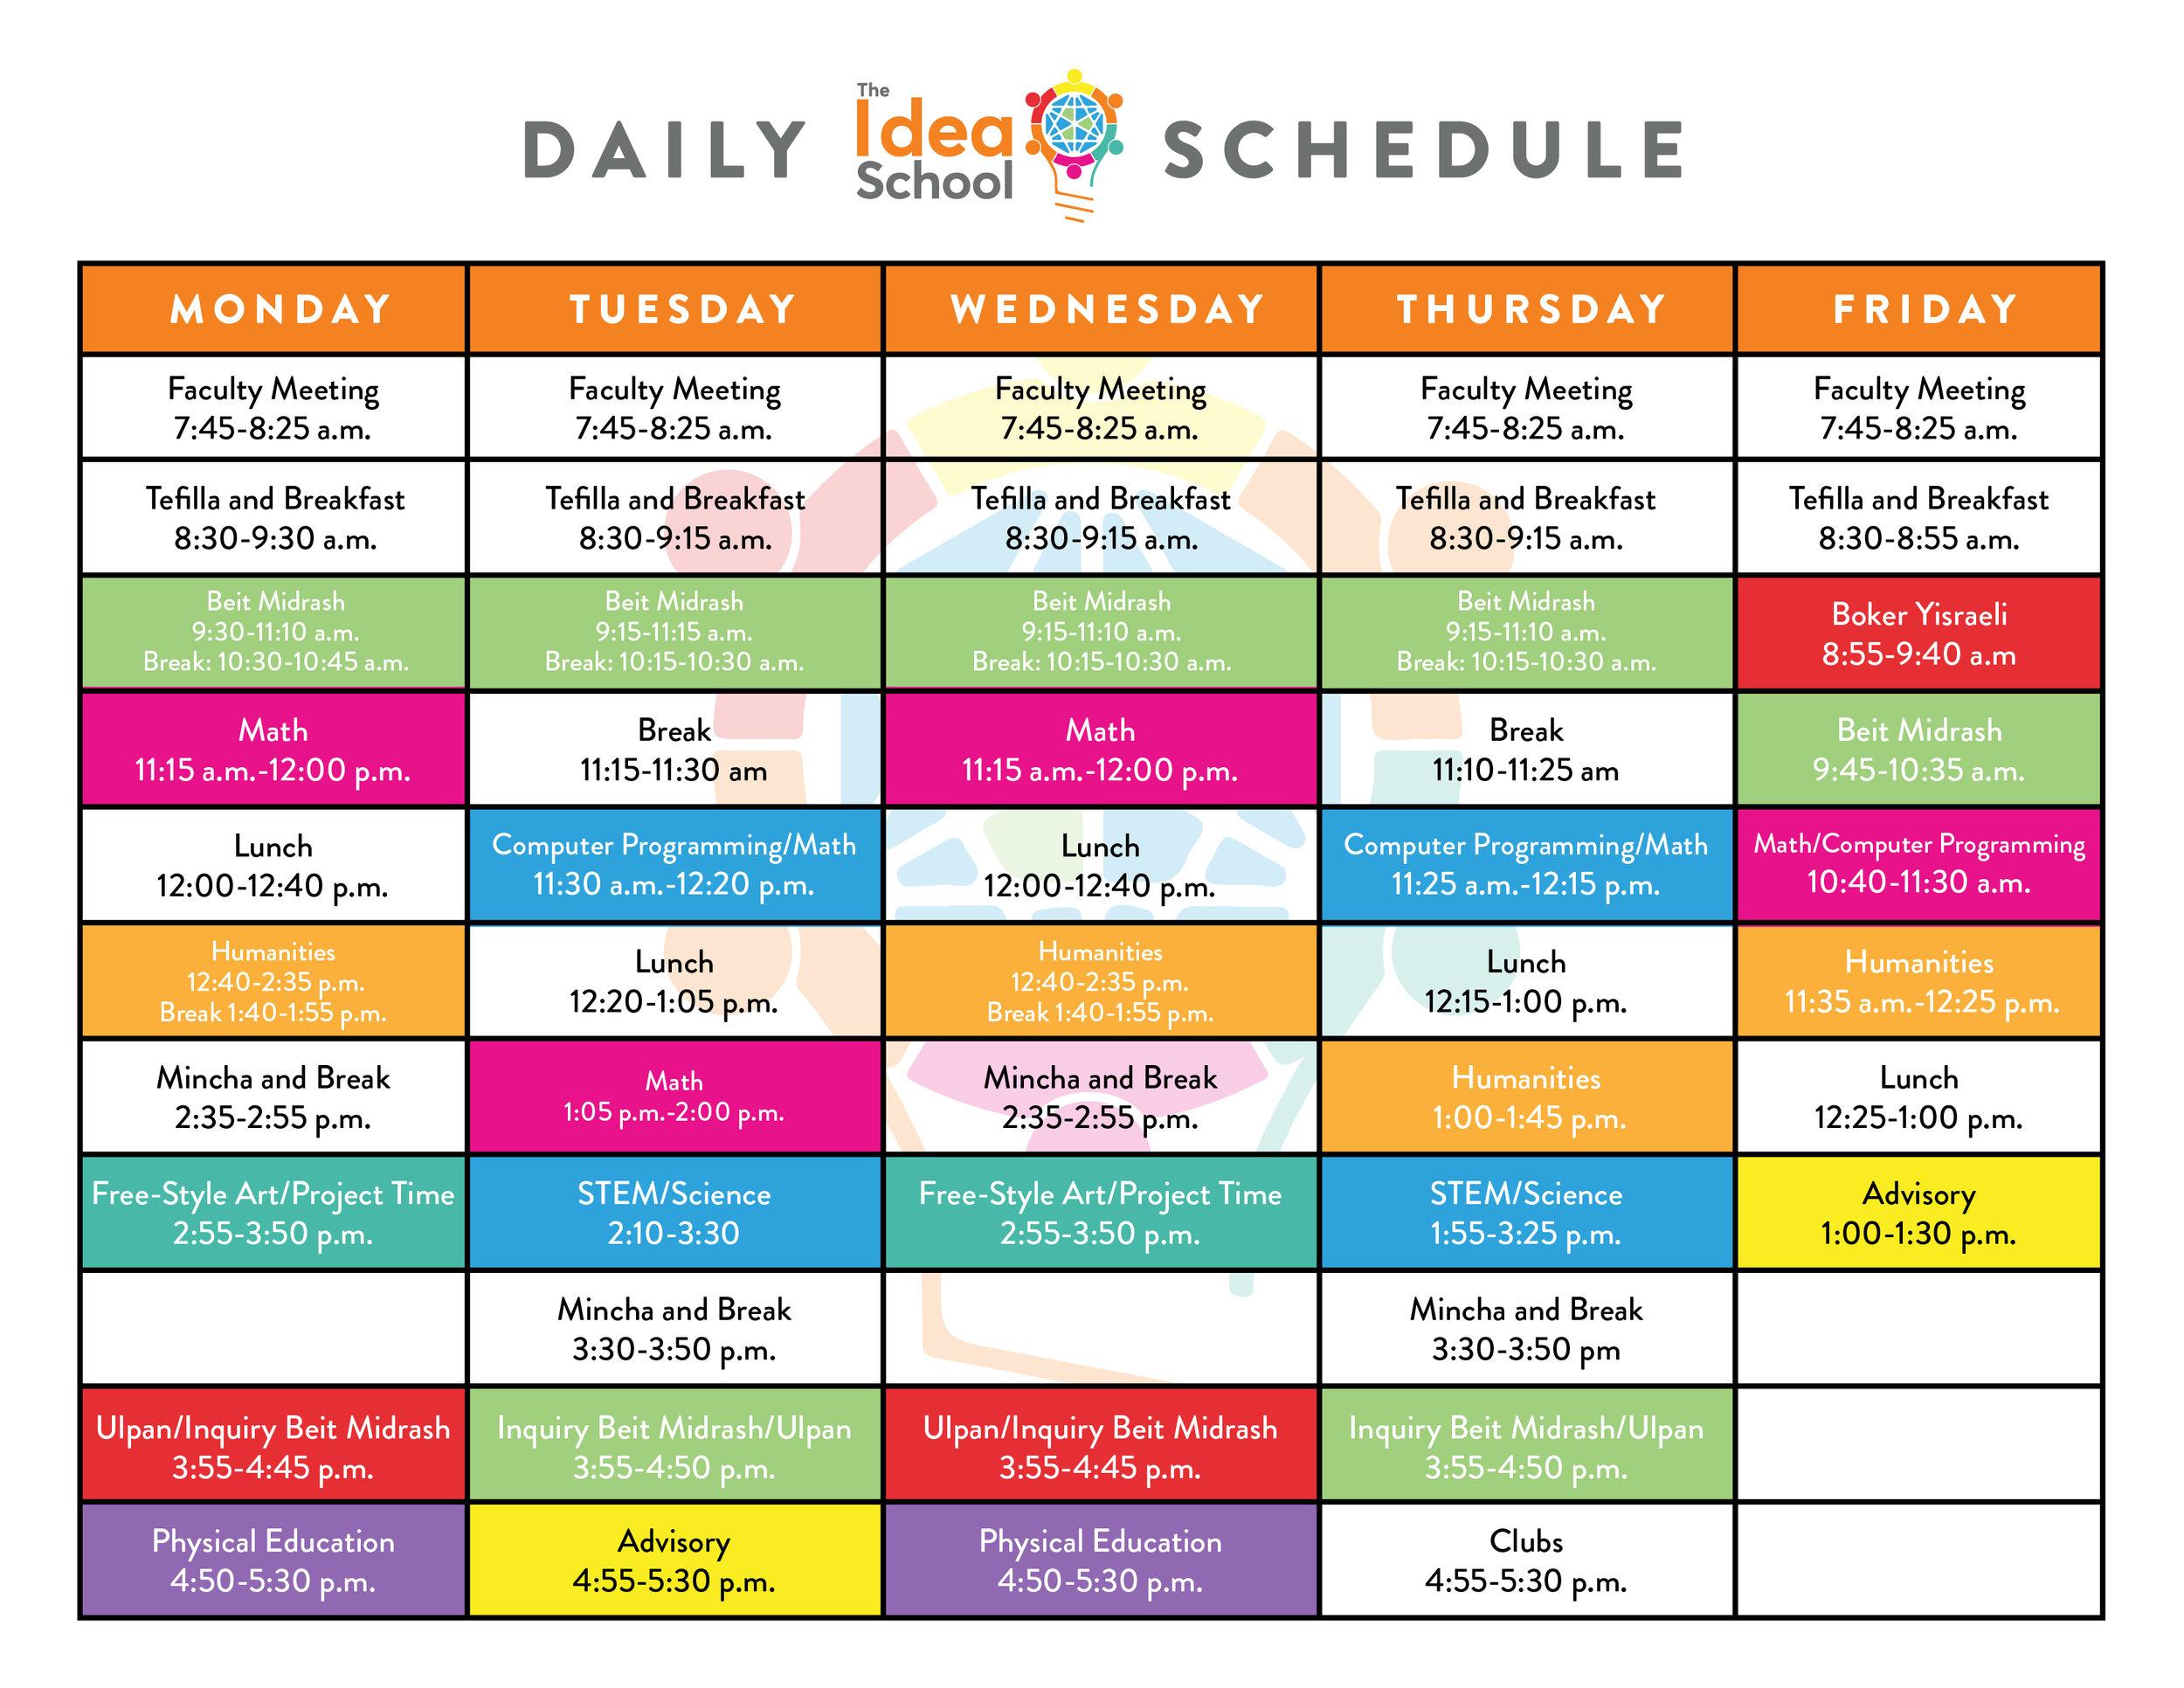 Daily Schedule_updated3-01.jpg